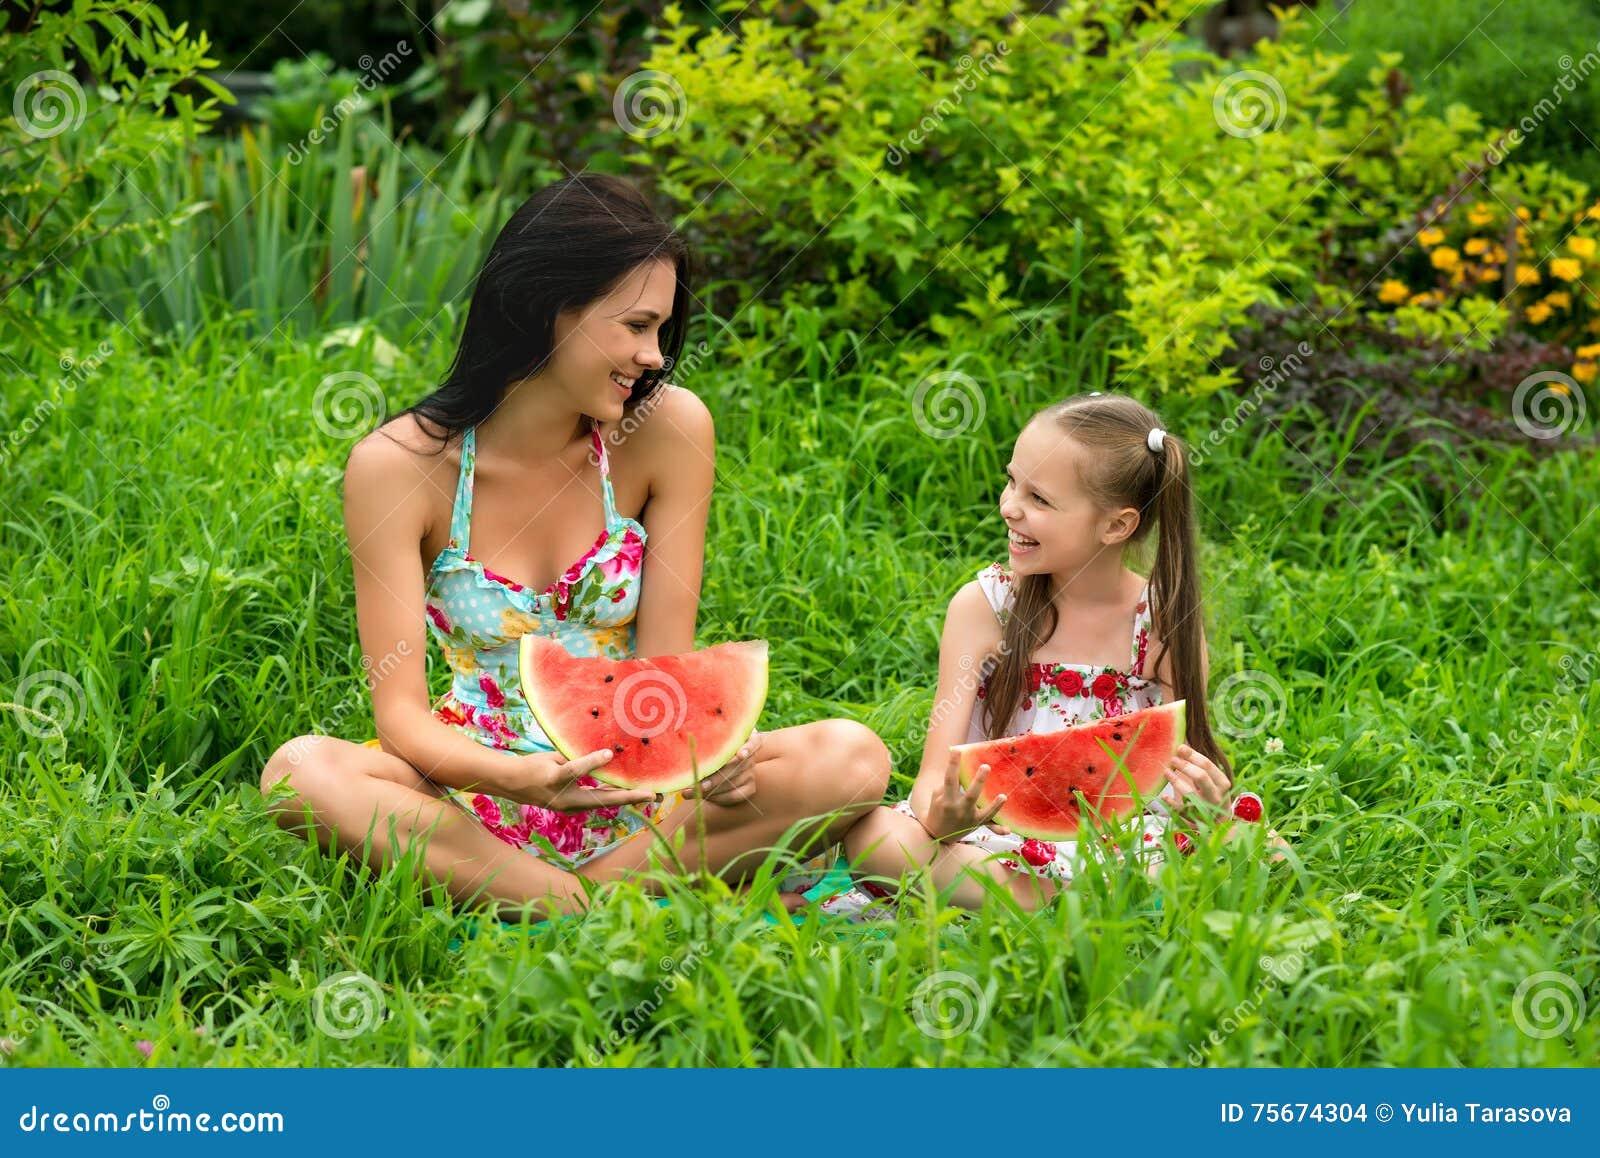 Dos muchachas sonrientes comen la rebanada de sandía al aire libre en la granja